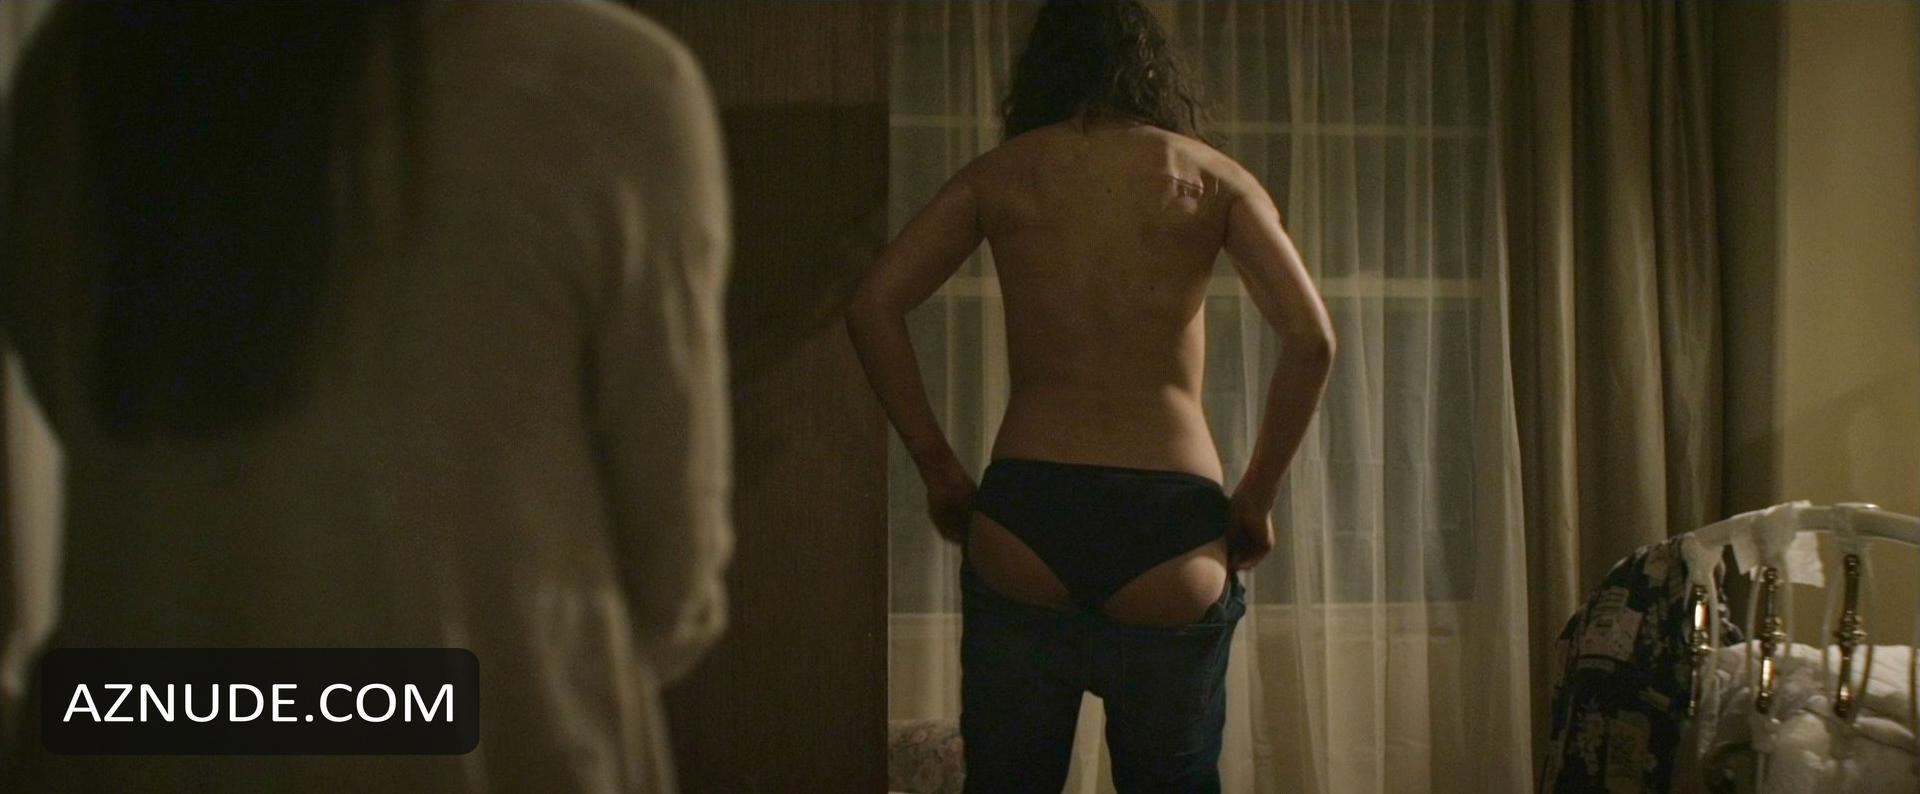 TROIAN BELLISARIO Nude  AZNude